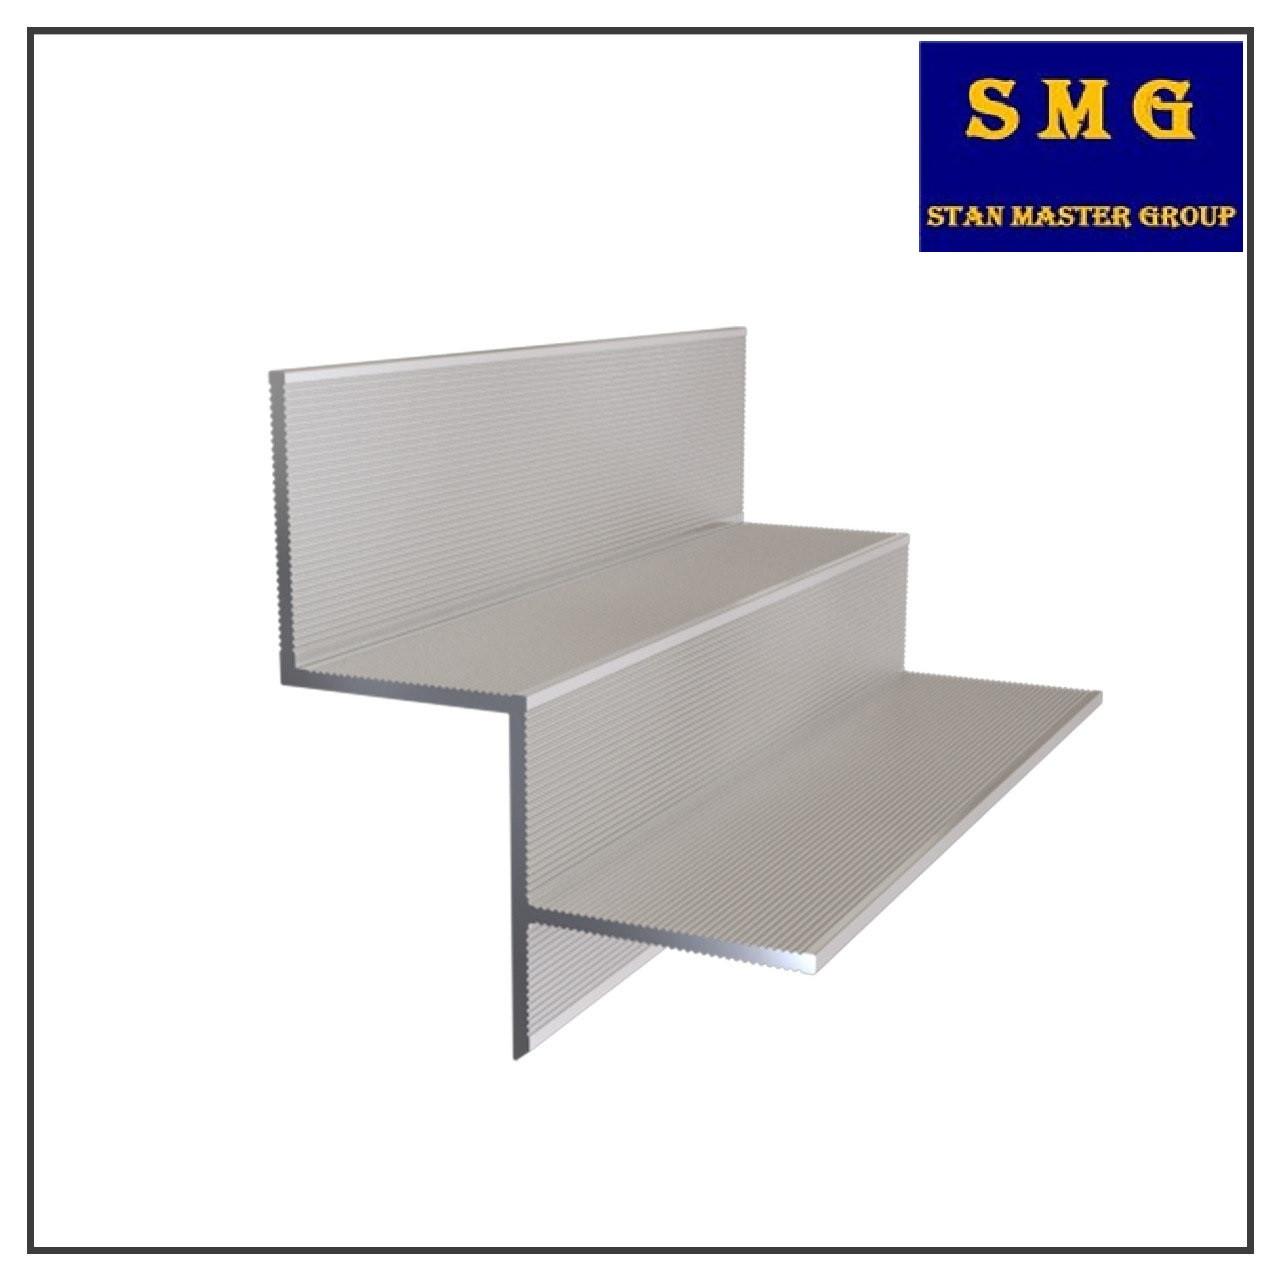 Профиль теневого шва SMG-20 мм.